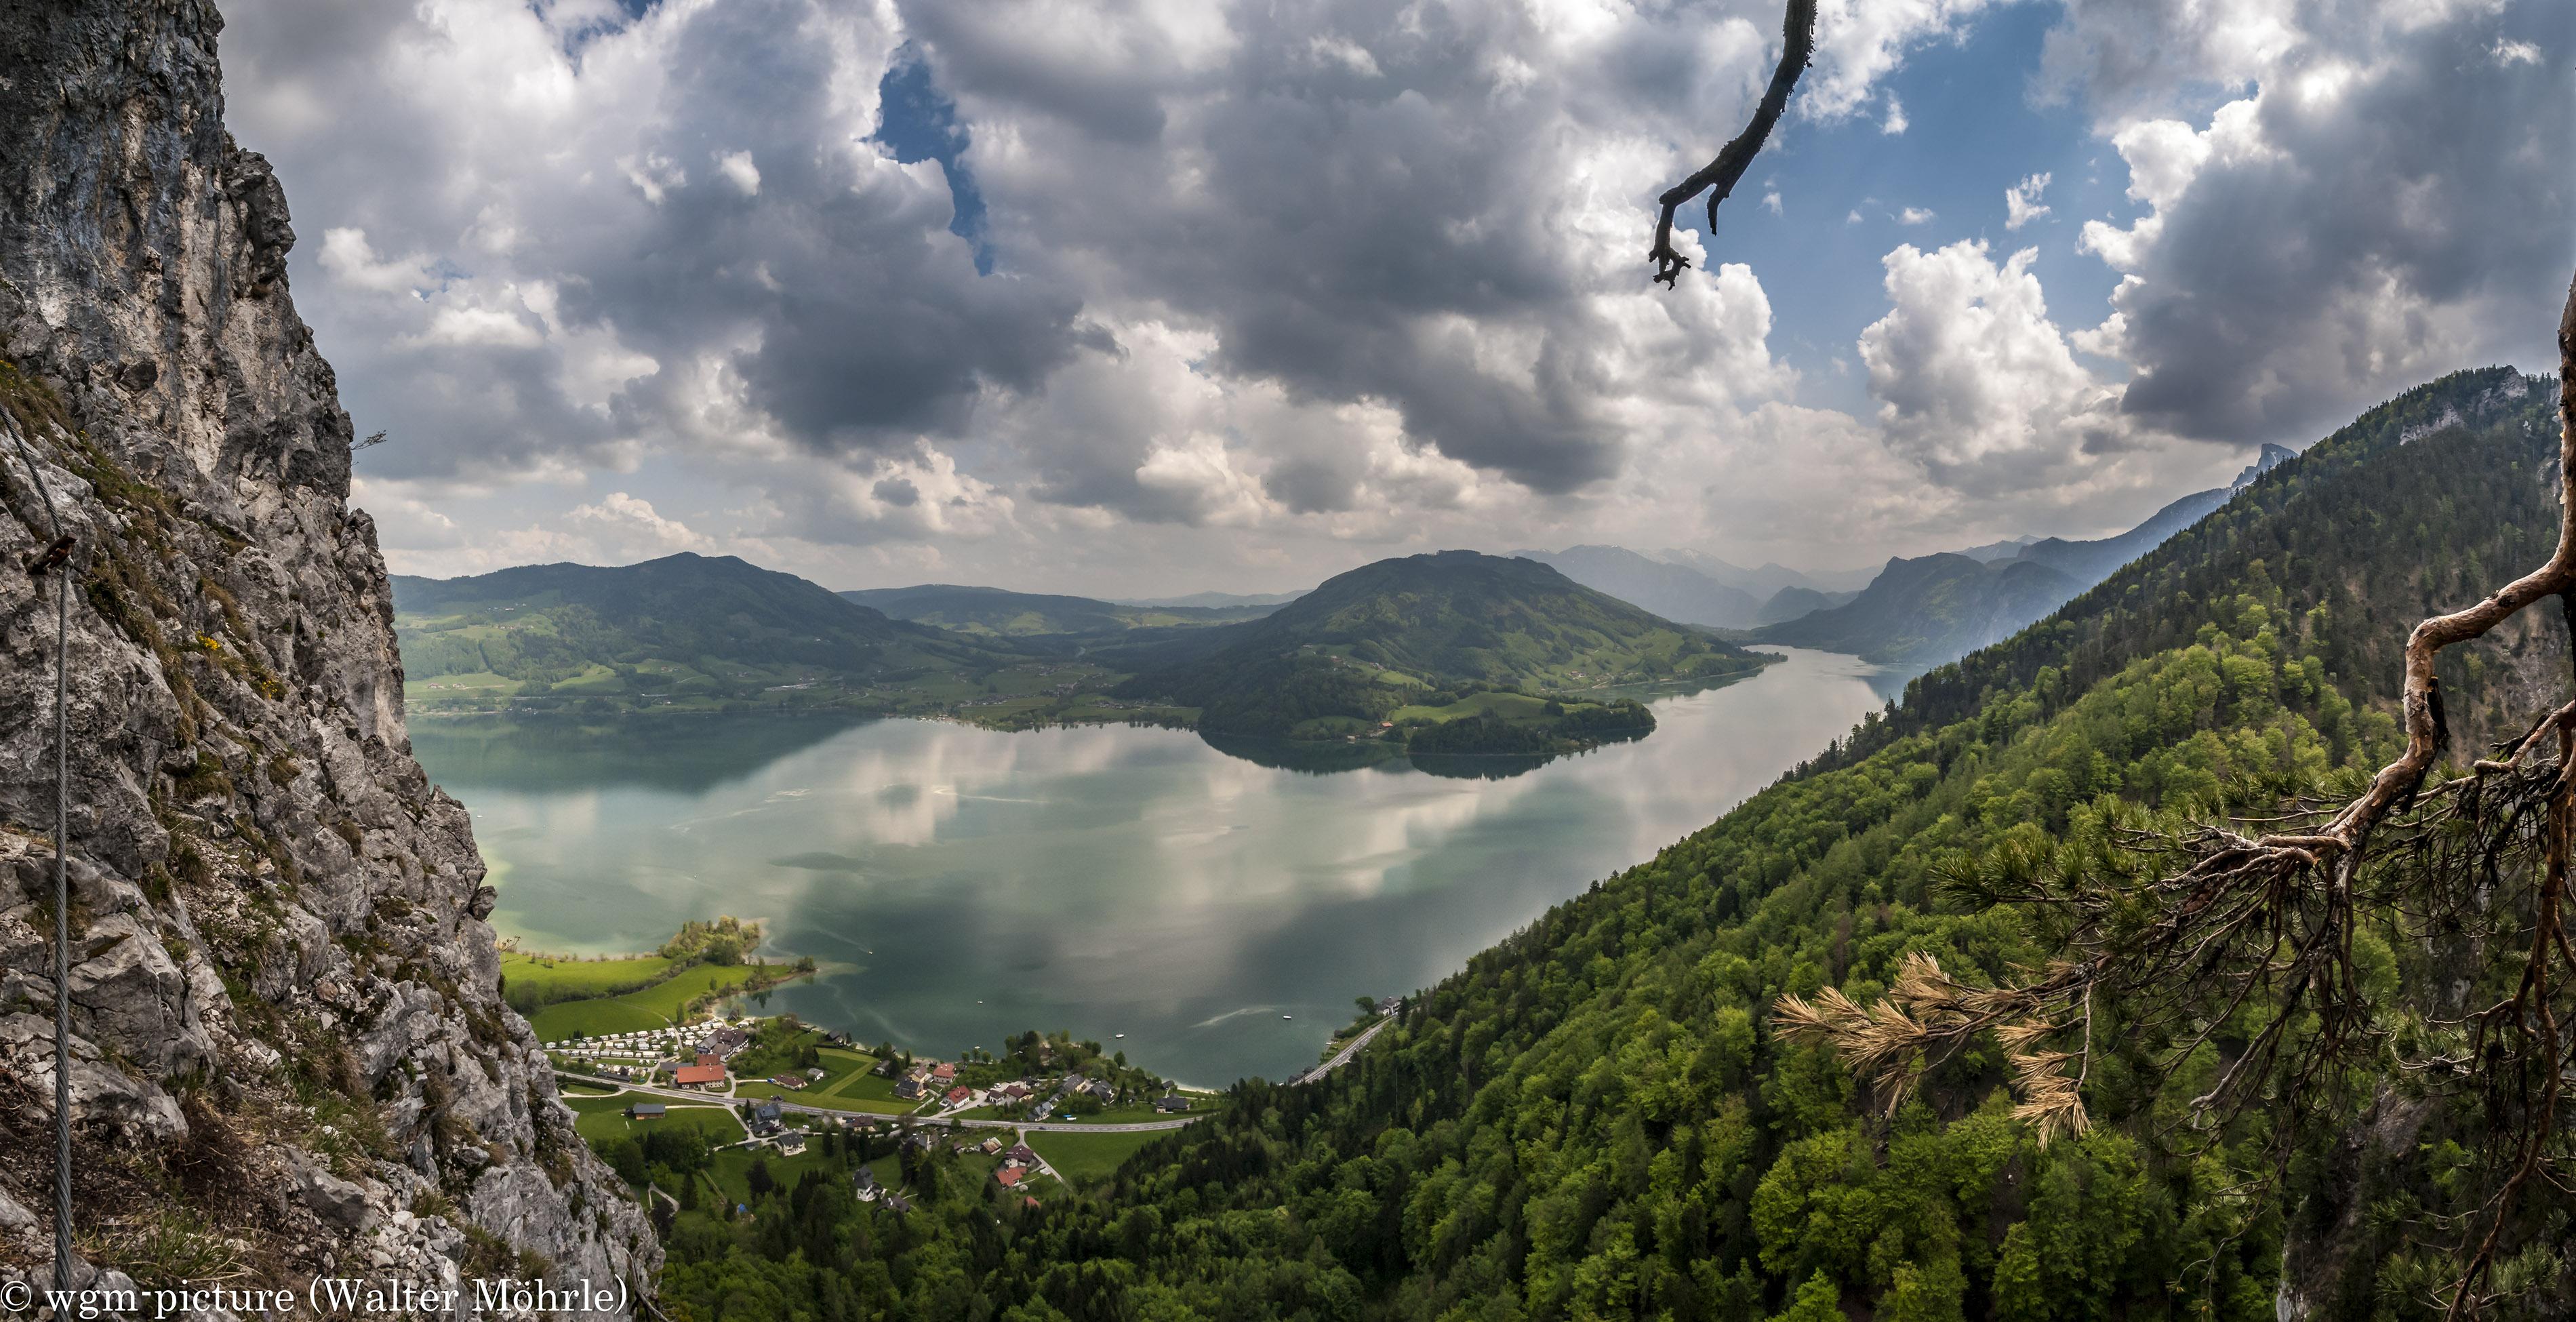 Klettersteig Mondsee : Drachenwand klettersteig wgm picture